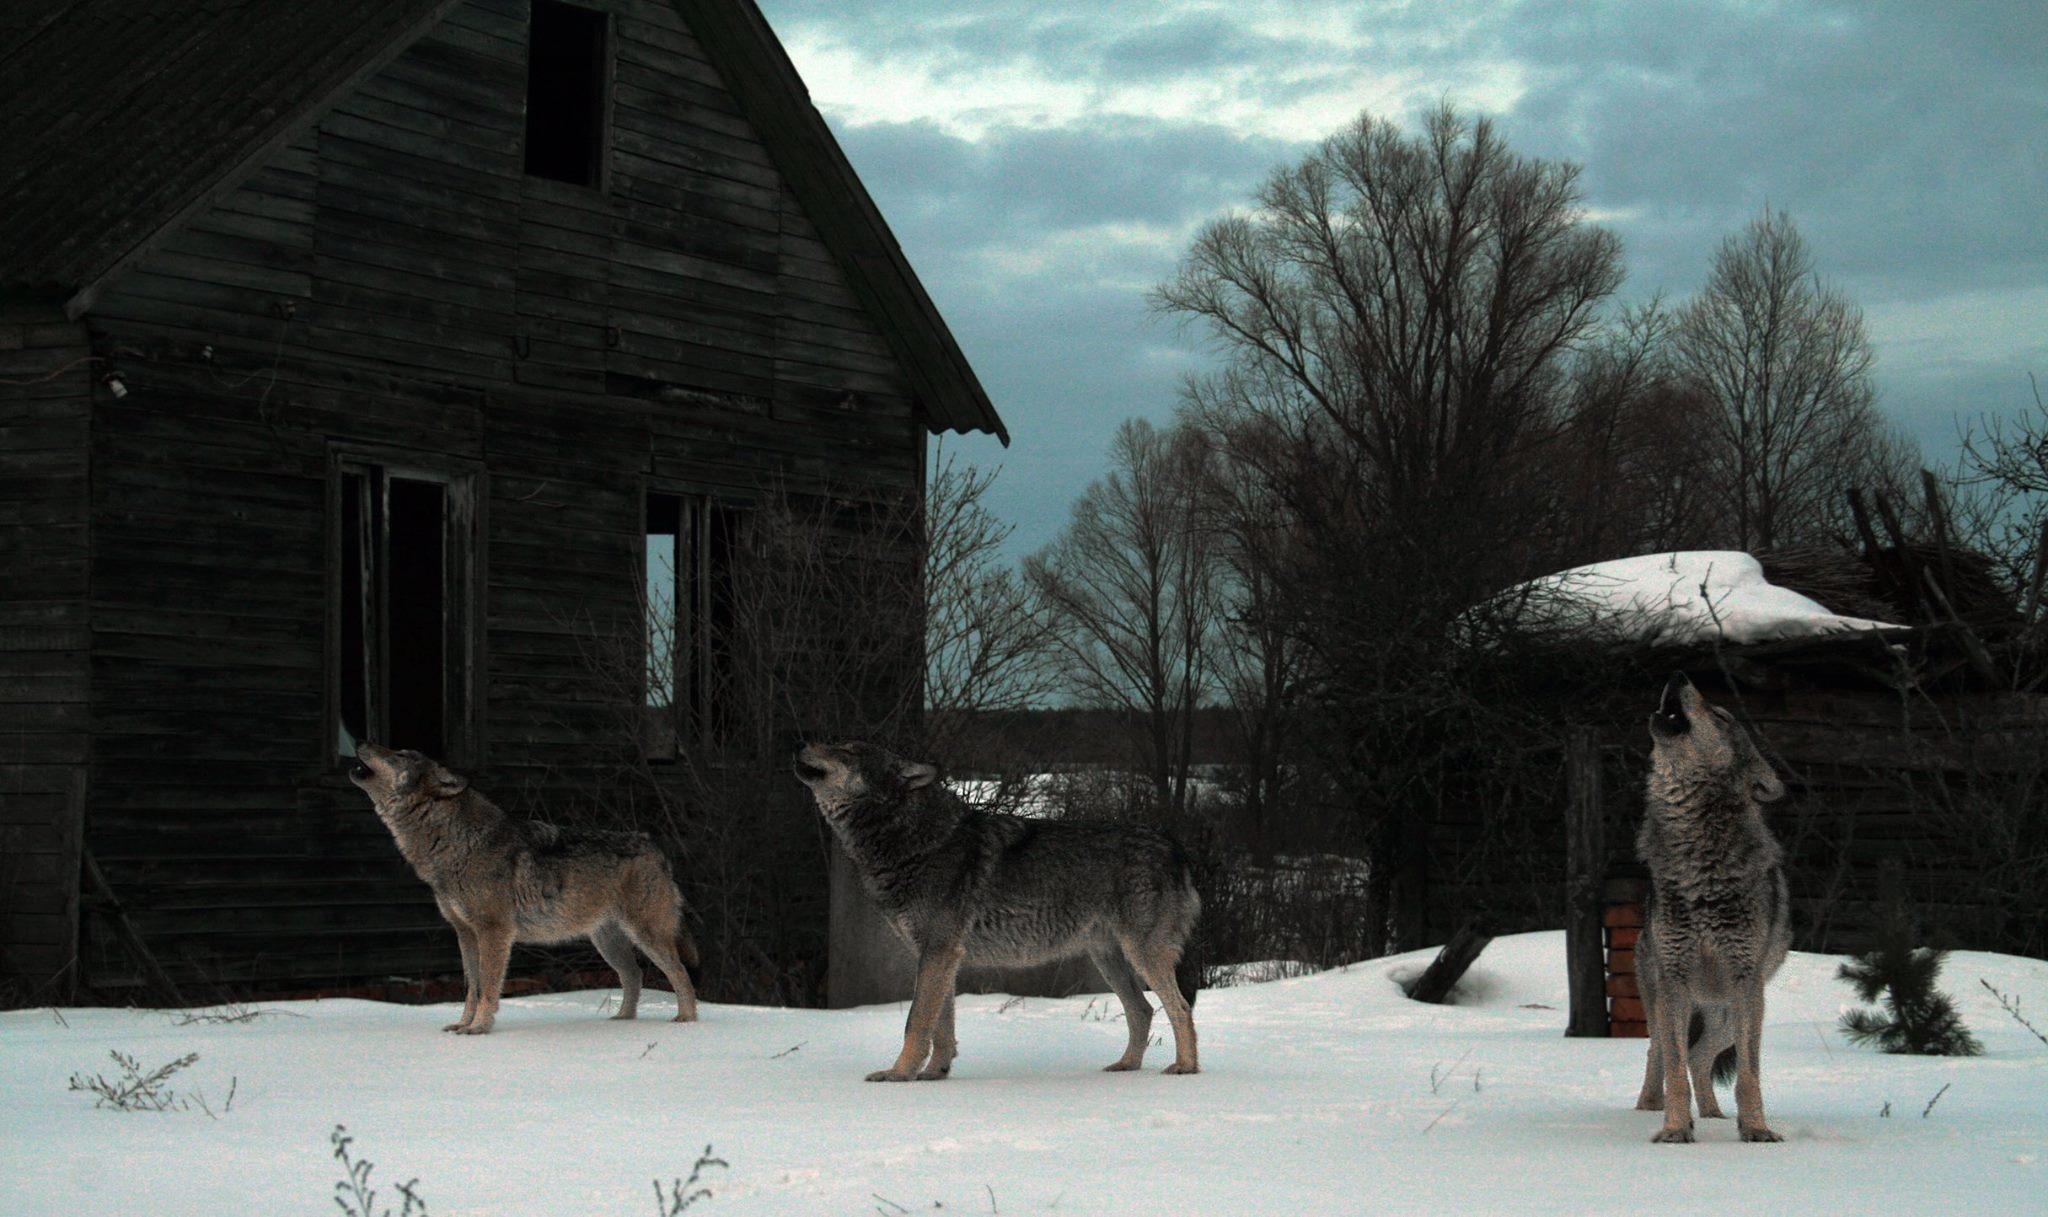 Чернобыль.Волки.Вой.Снег., Илья Бышнёв